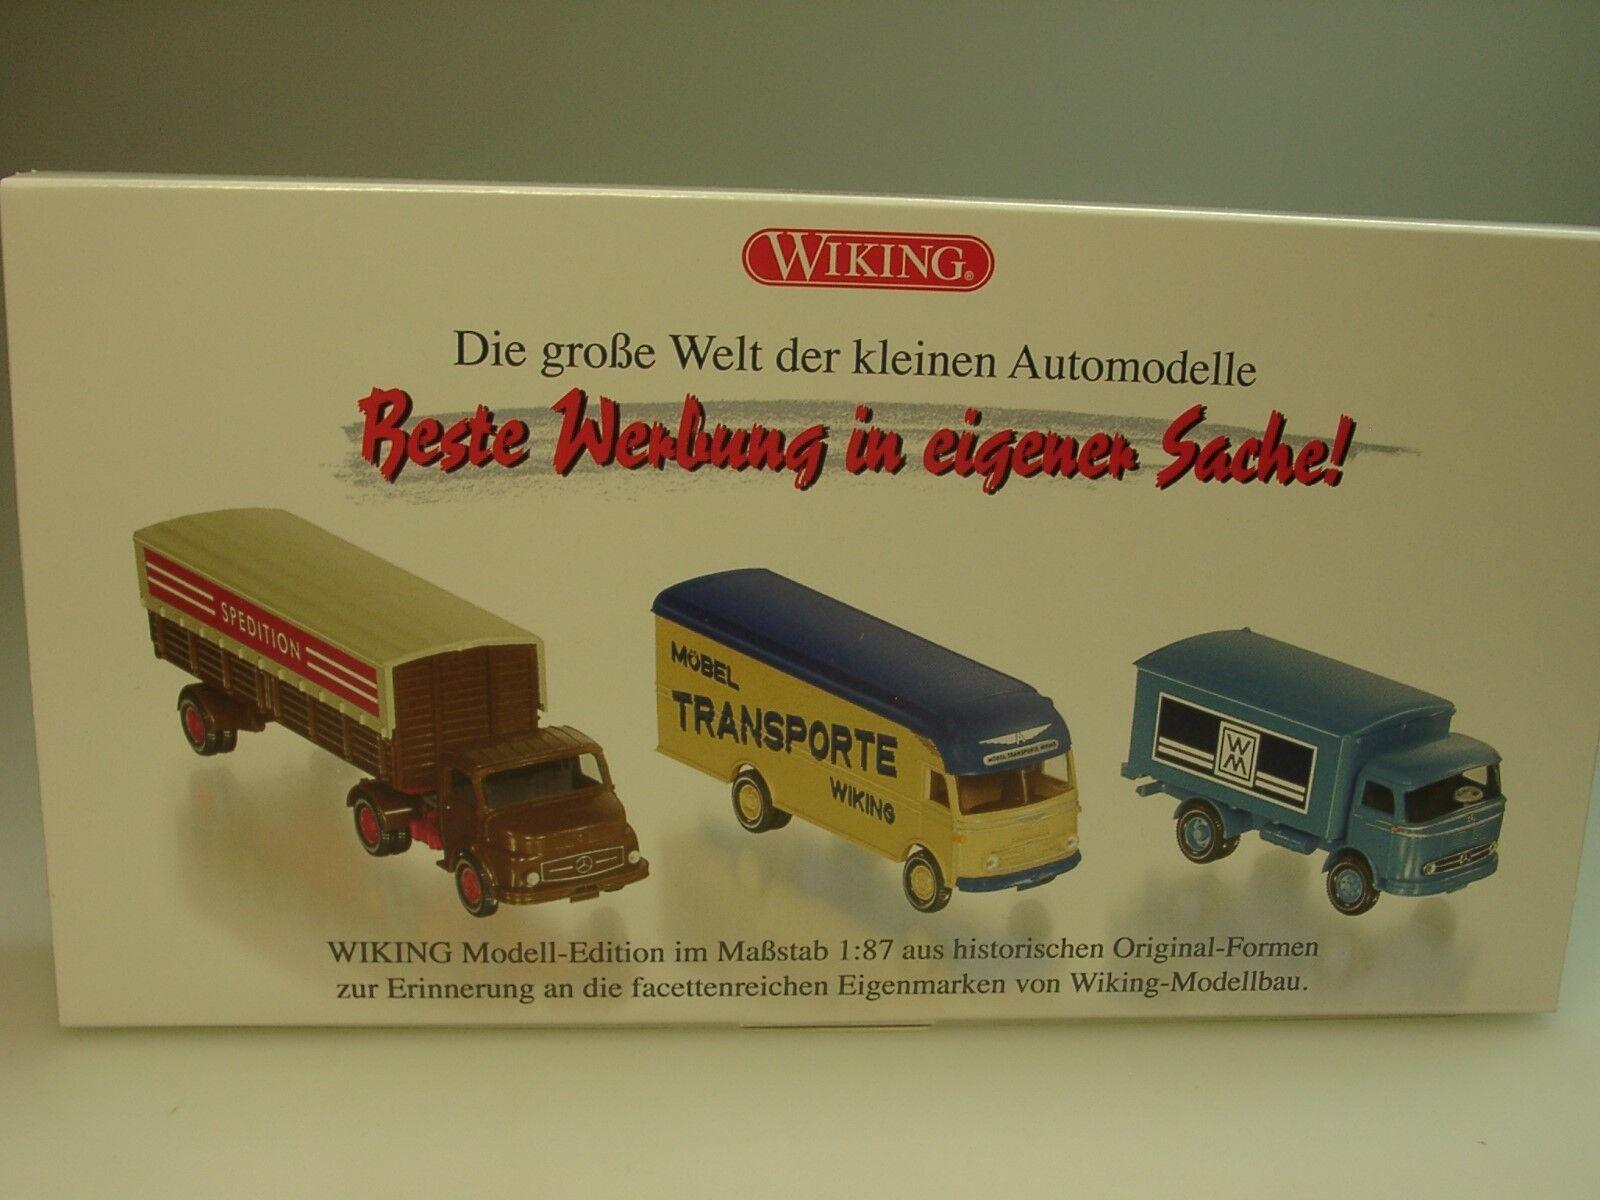 Wiking mercedes set  publicité sous sa propre affaire  - 0990 90 - 1 87